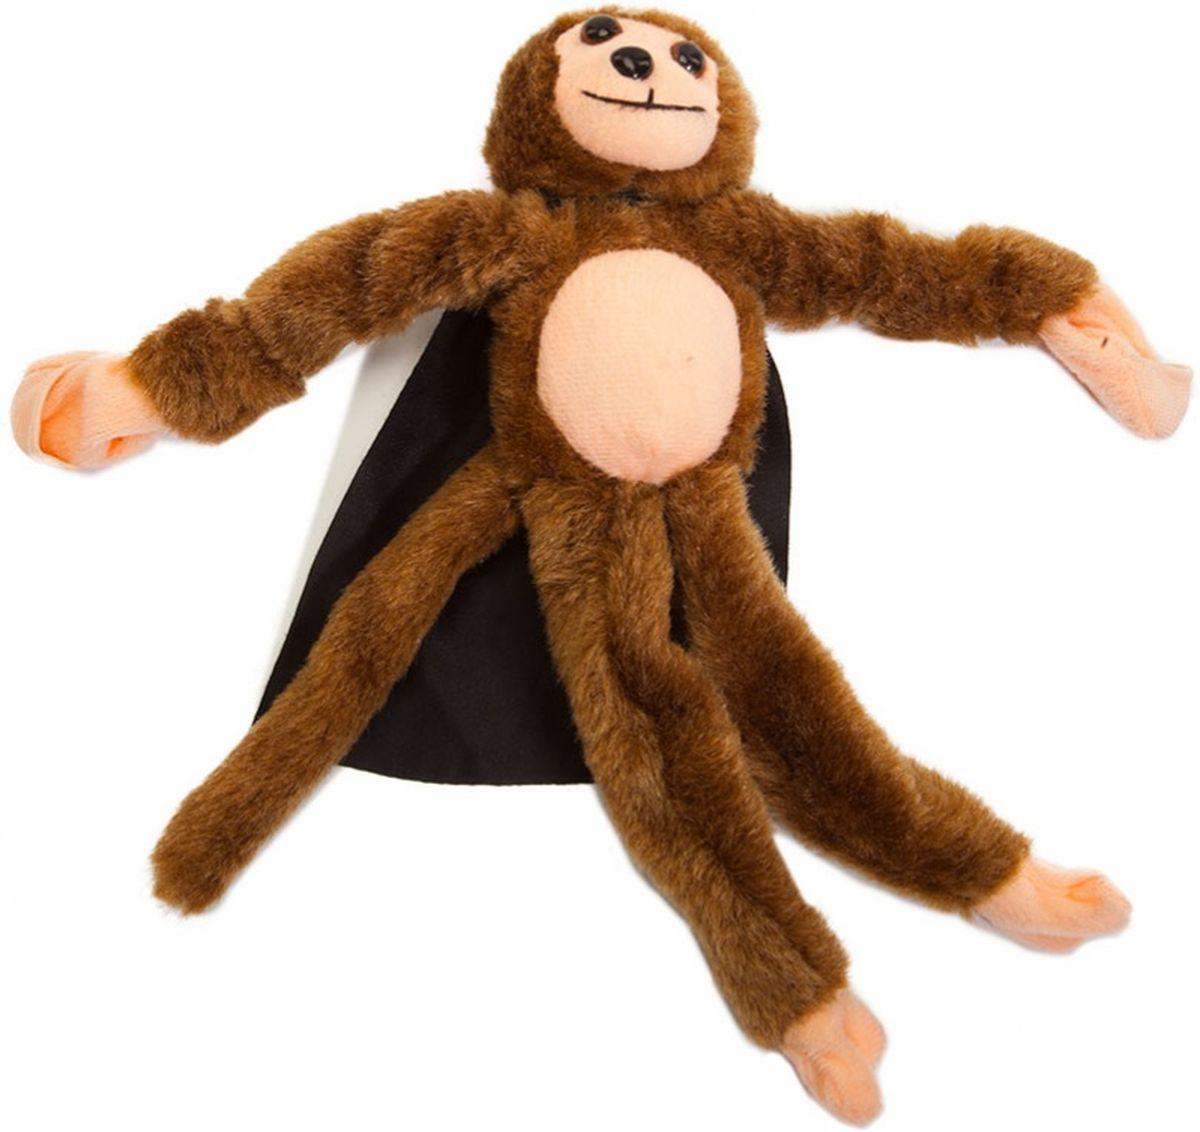 Bradex Рогатка Обезьянка плюшеваяDE 0187Мягкая плюшевая обезьянка с резиновыми трубками в руках запускается в воздух при помощи указательного и среднего пальца по принципу рогатки. Одета в плащ и маску, имеет кармашки на лапках, издает обезьяний крик при столкновении или падении, может использоваться как обычная мягкая игрушка.